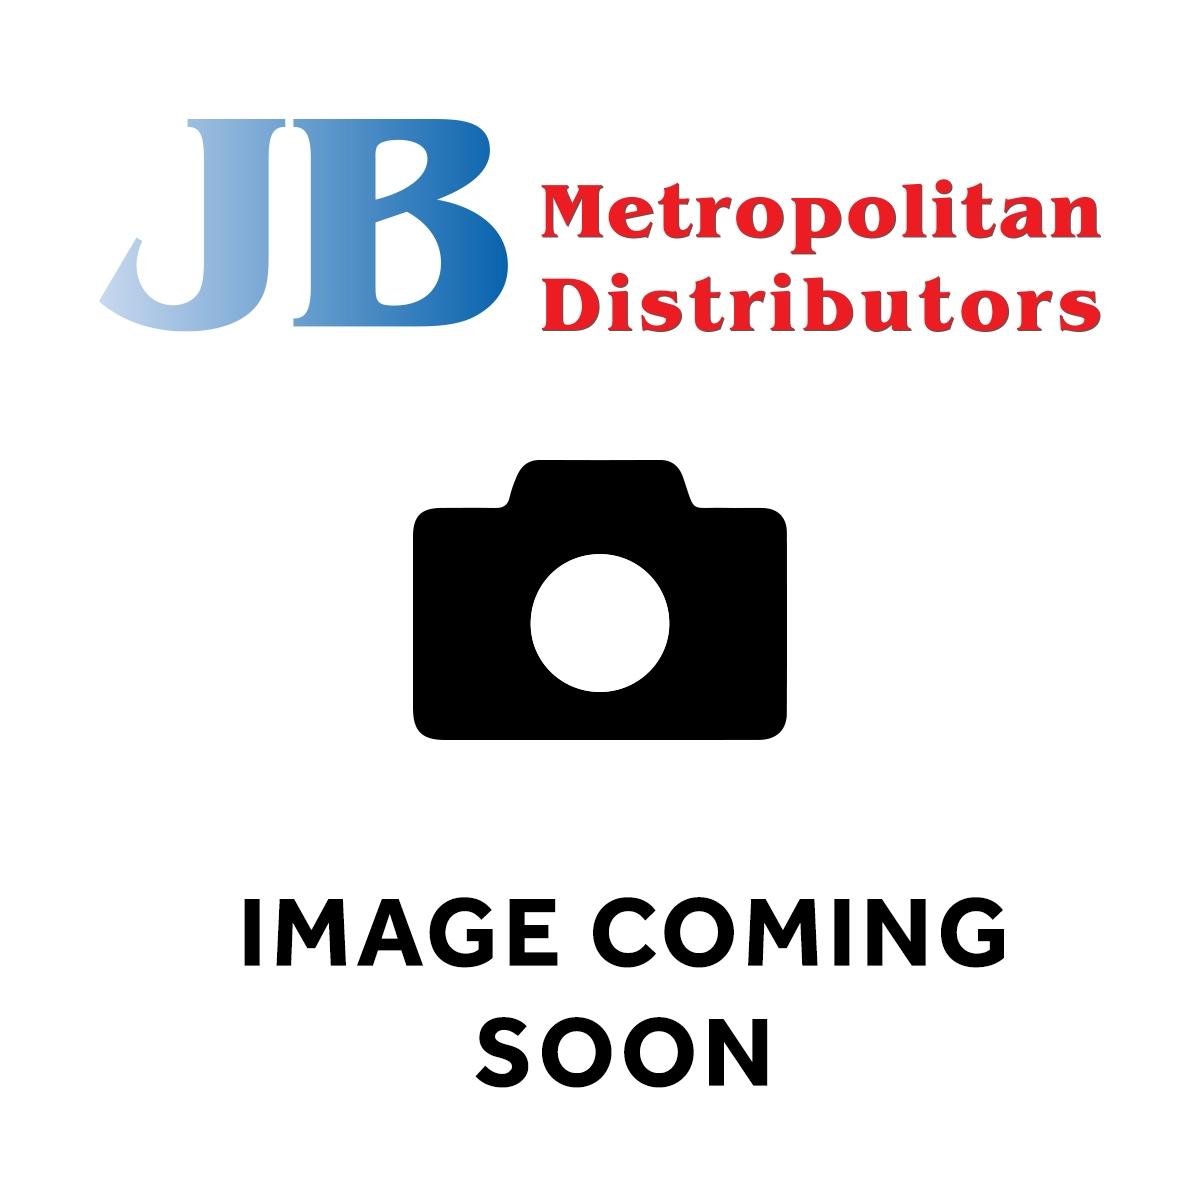 250G WESTERN STAR BUTTER BLOCK